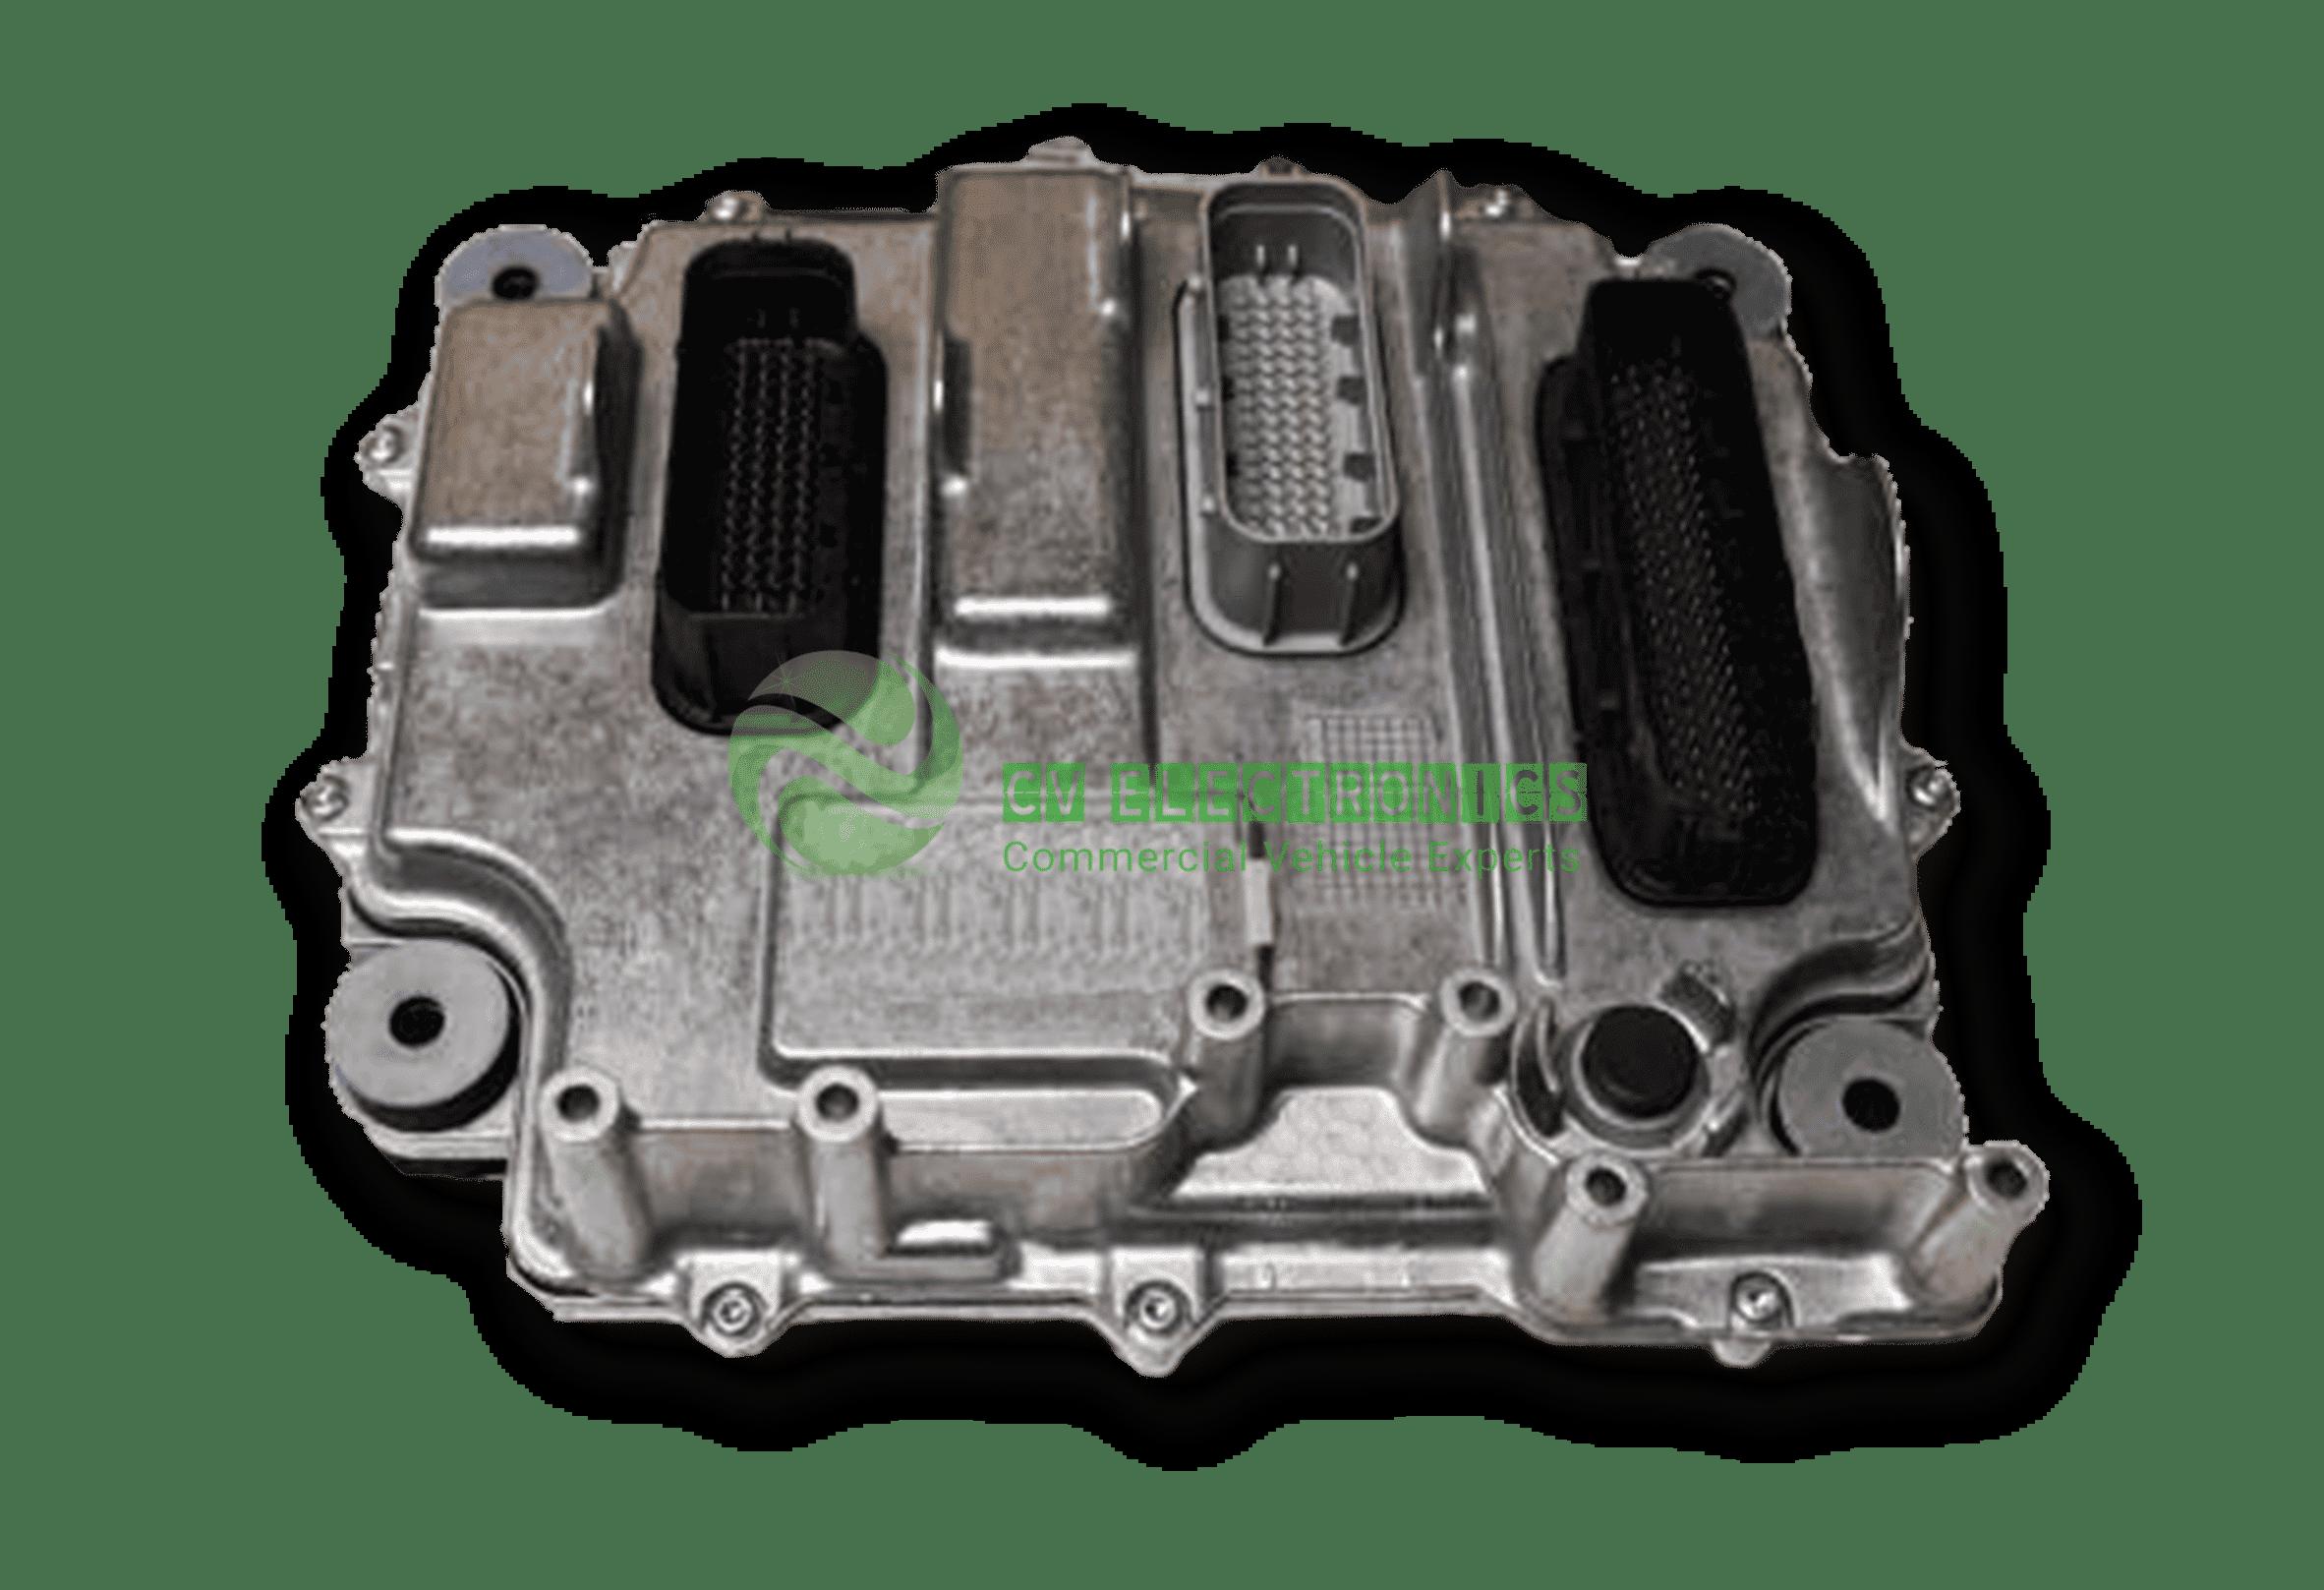 DAF PACCAR MX-11 MX-13 EURO 6 XF106 EDC ECU 2109555 2013285 1877245 repair